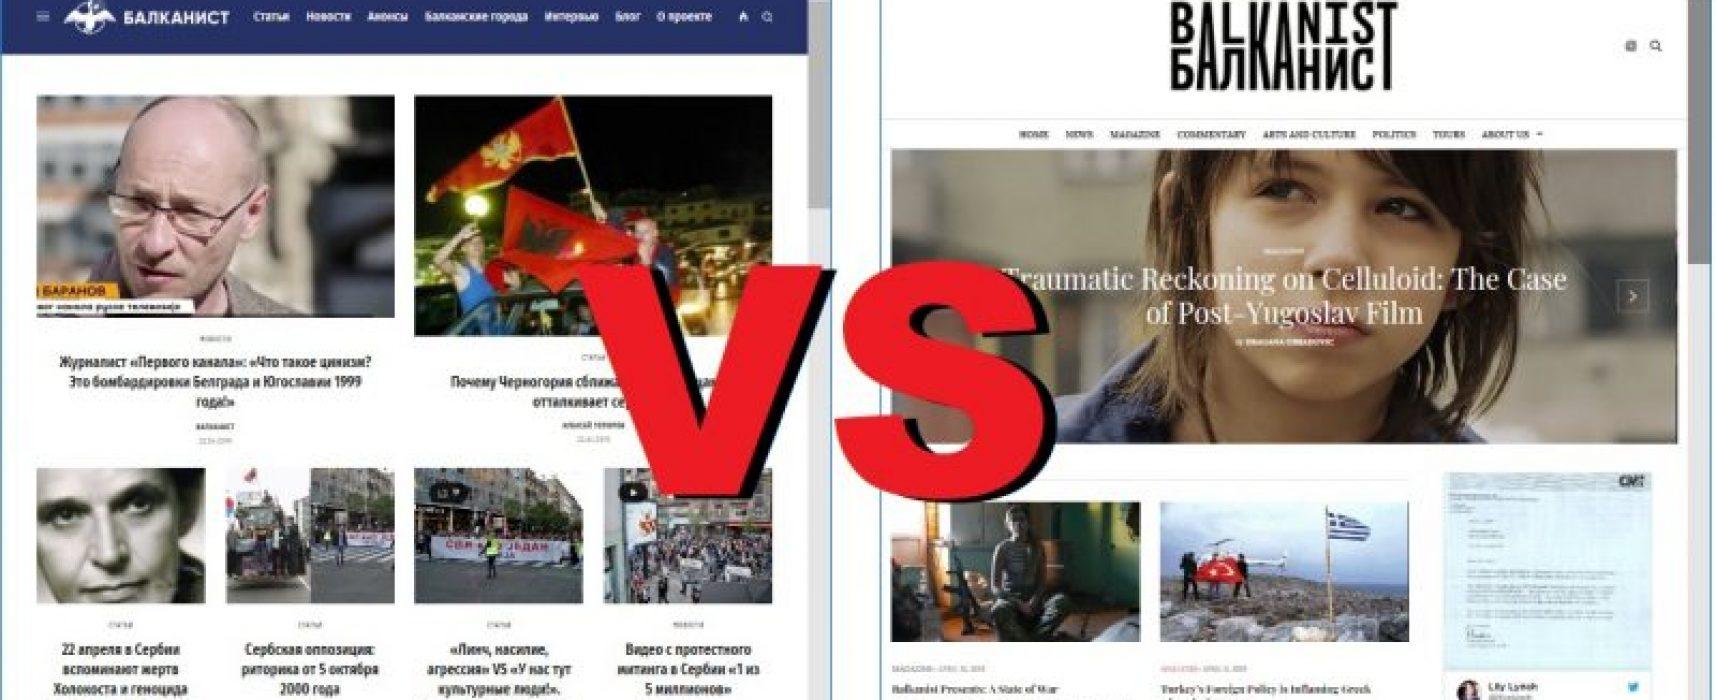 Sitio web ruso intenta suplantar a medio que informa sobre los Balcanes